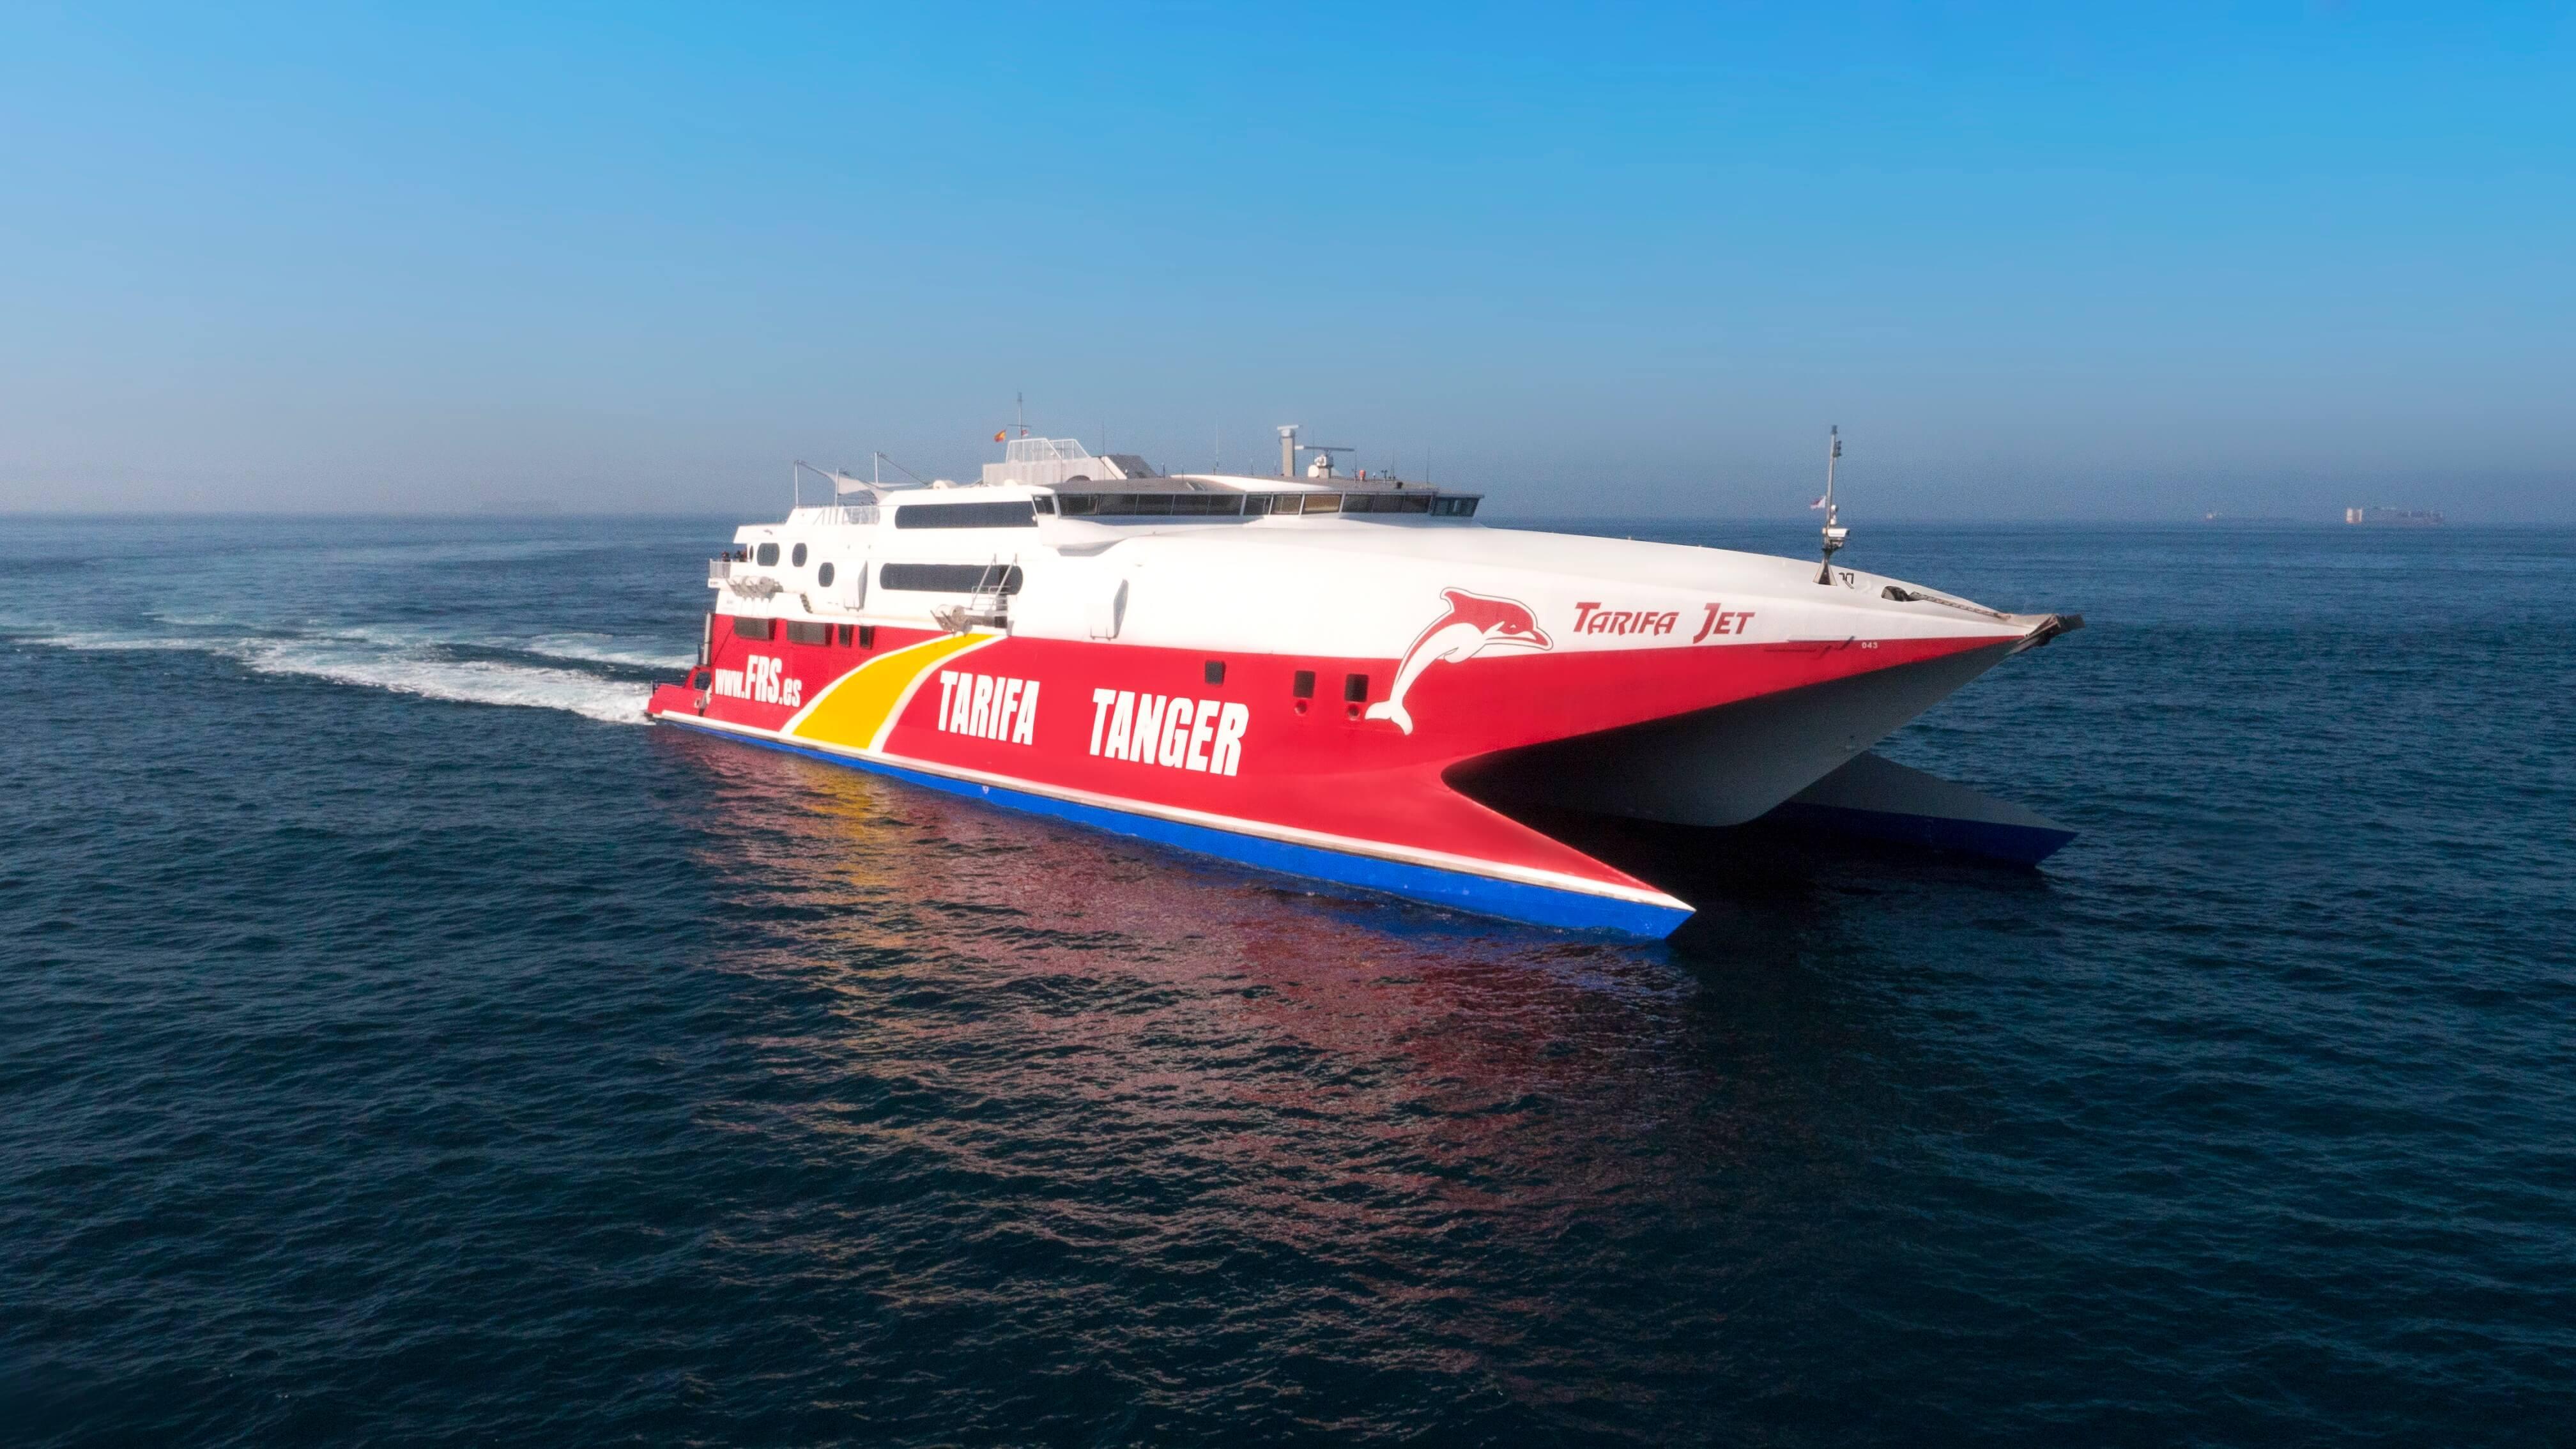 La naviera FRS operará todos sus buques con la certificación 'My Care' frente al COVID-19